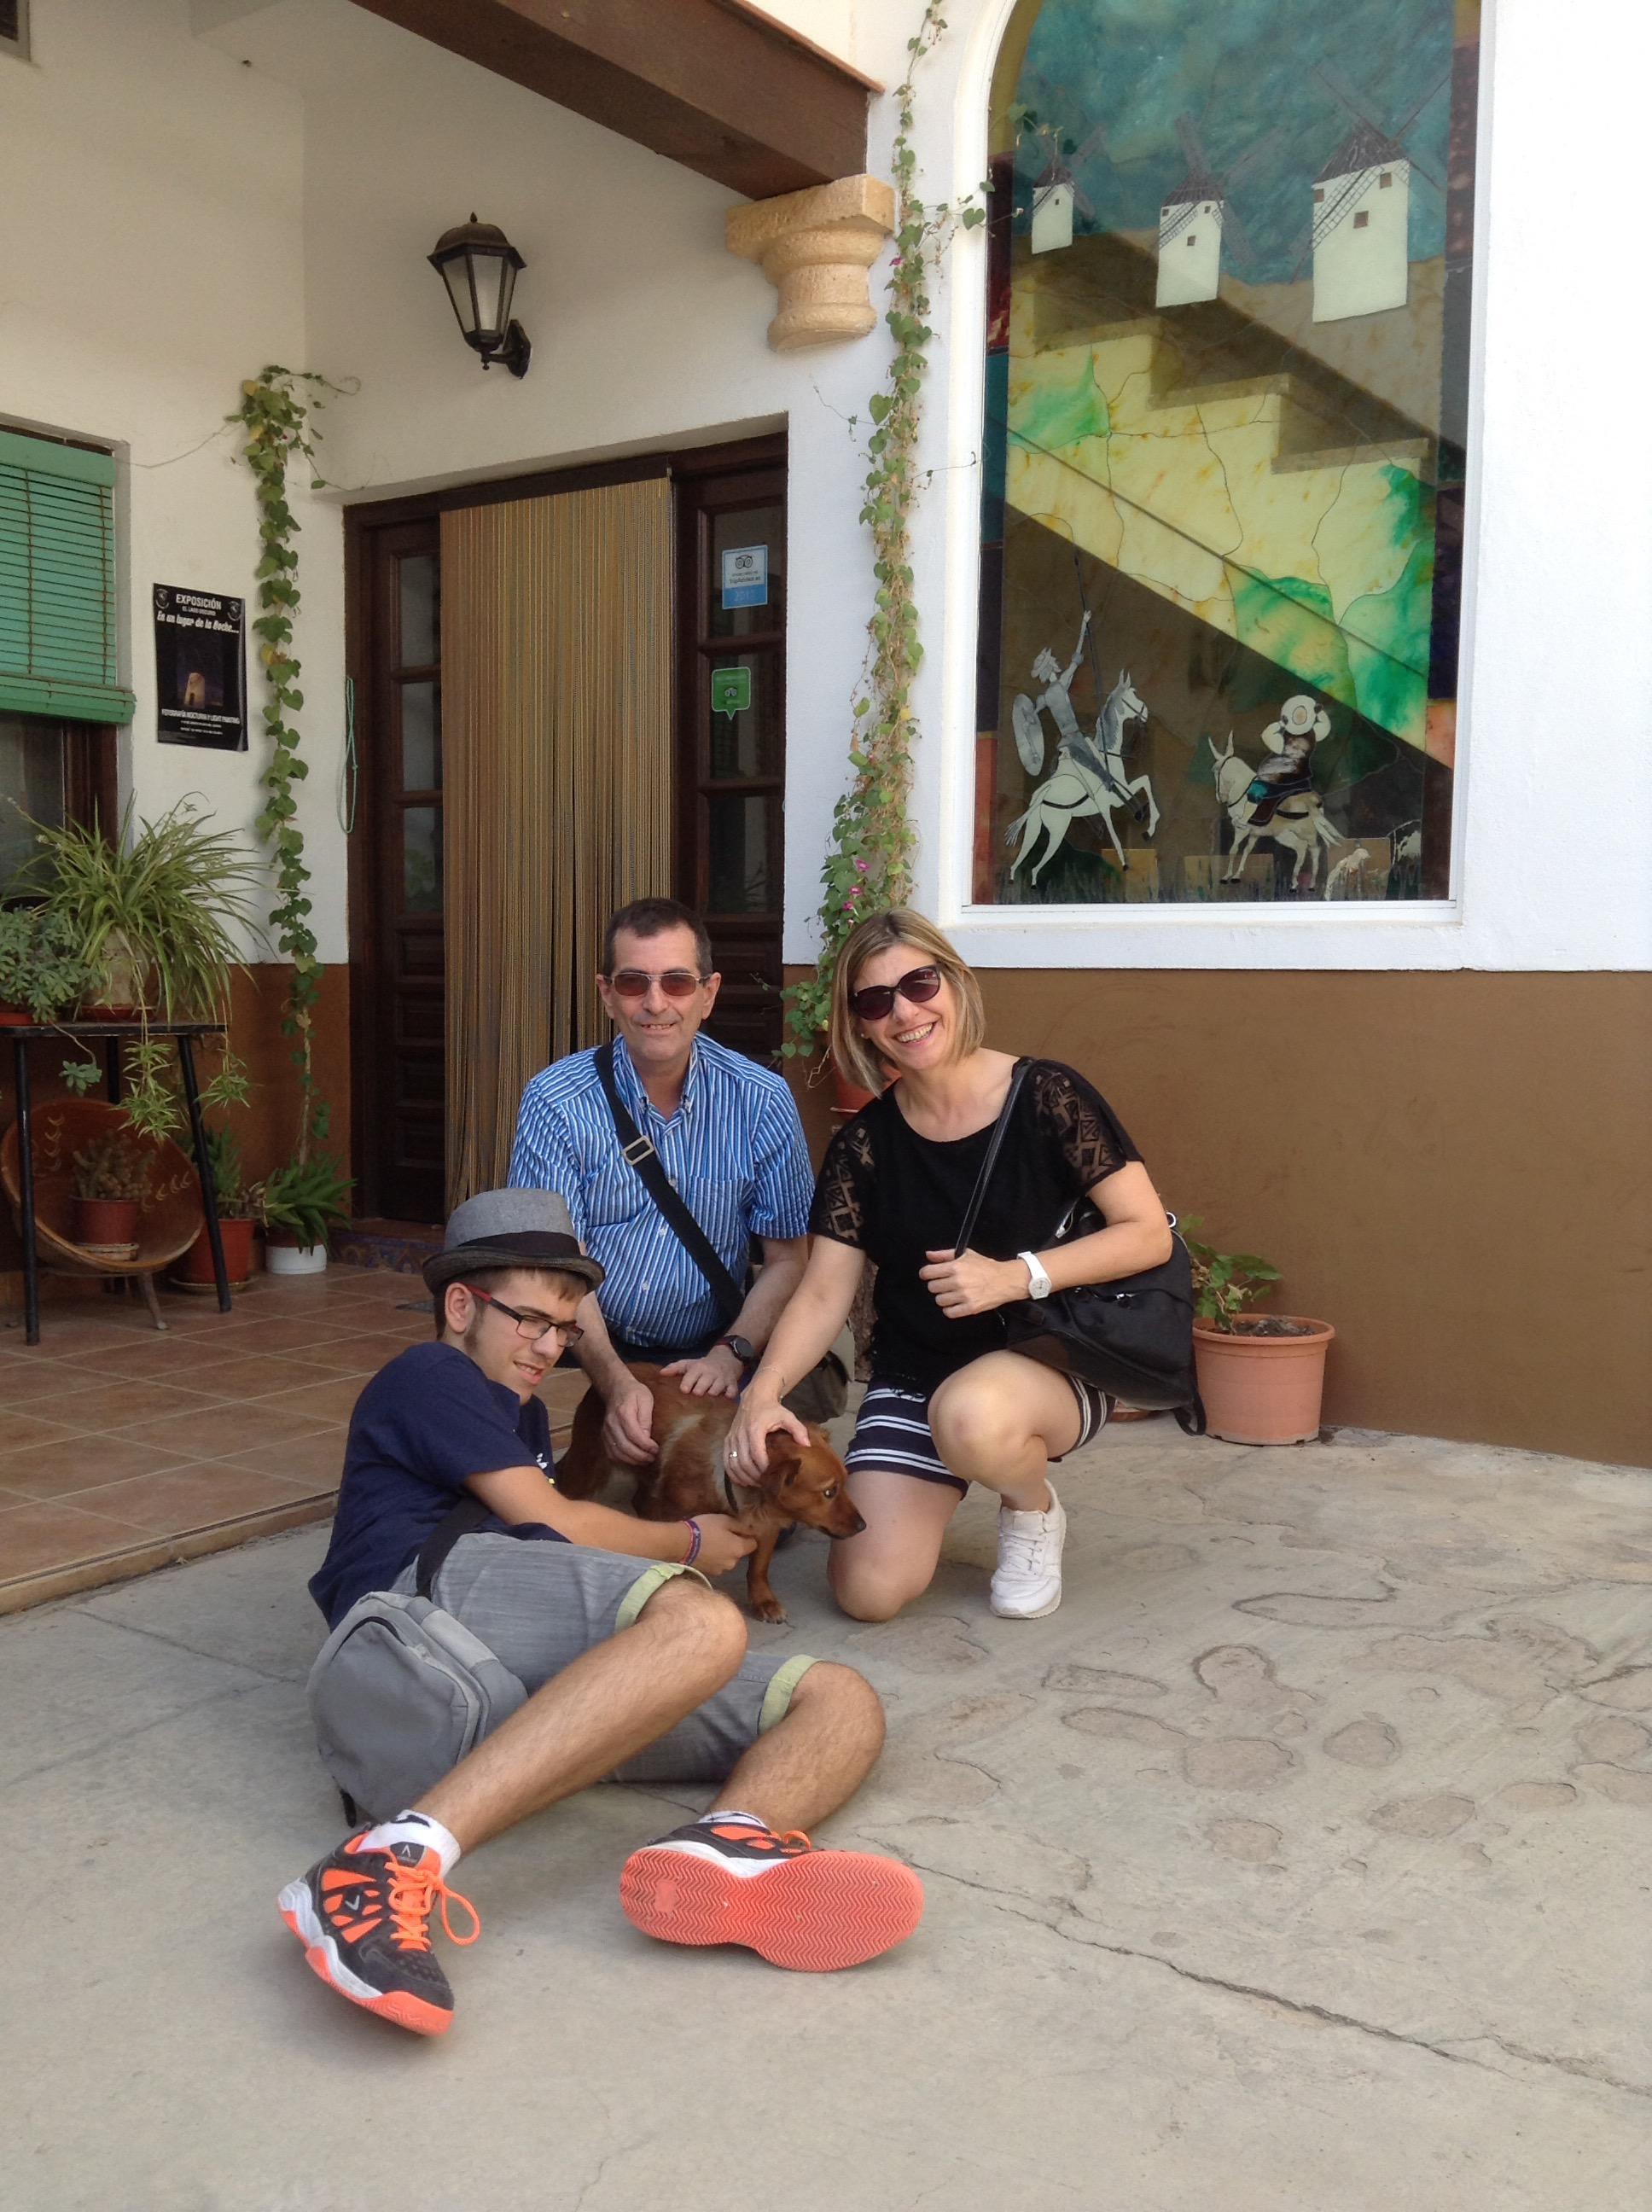 Nuevos amigos desde Valladolid. Rosa, Luis y David encantados de conocer a Niza, esperamos que volváis pronto!